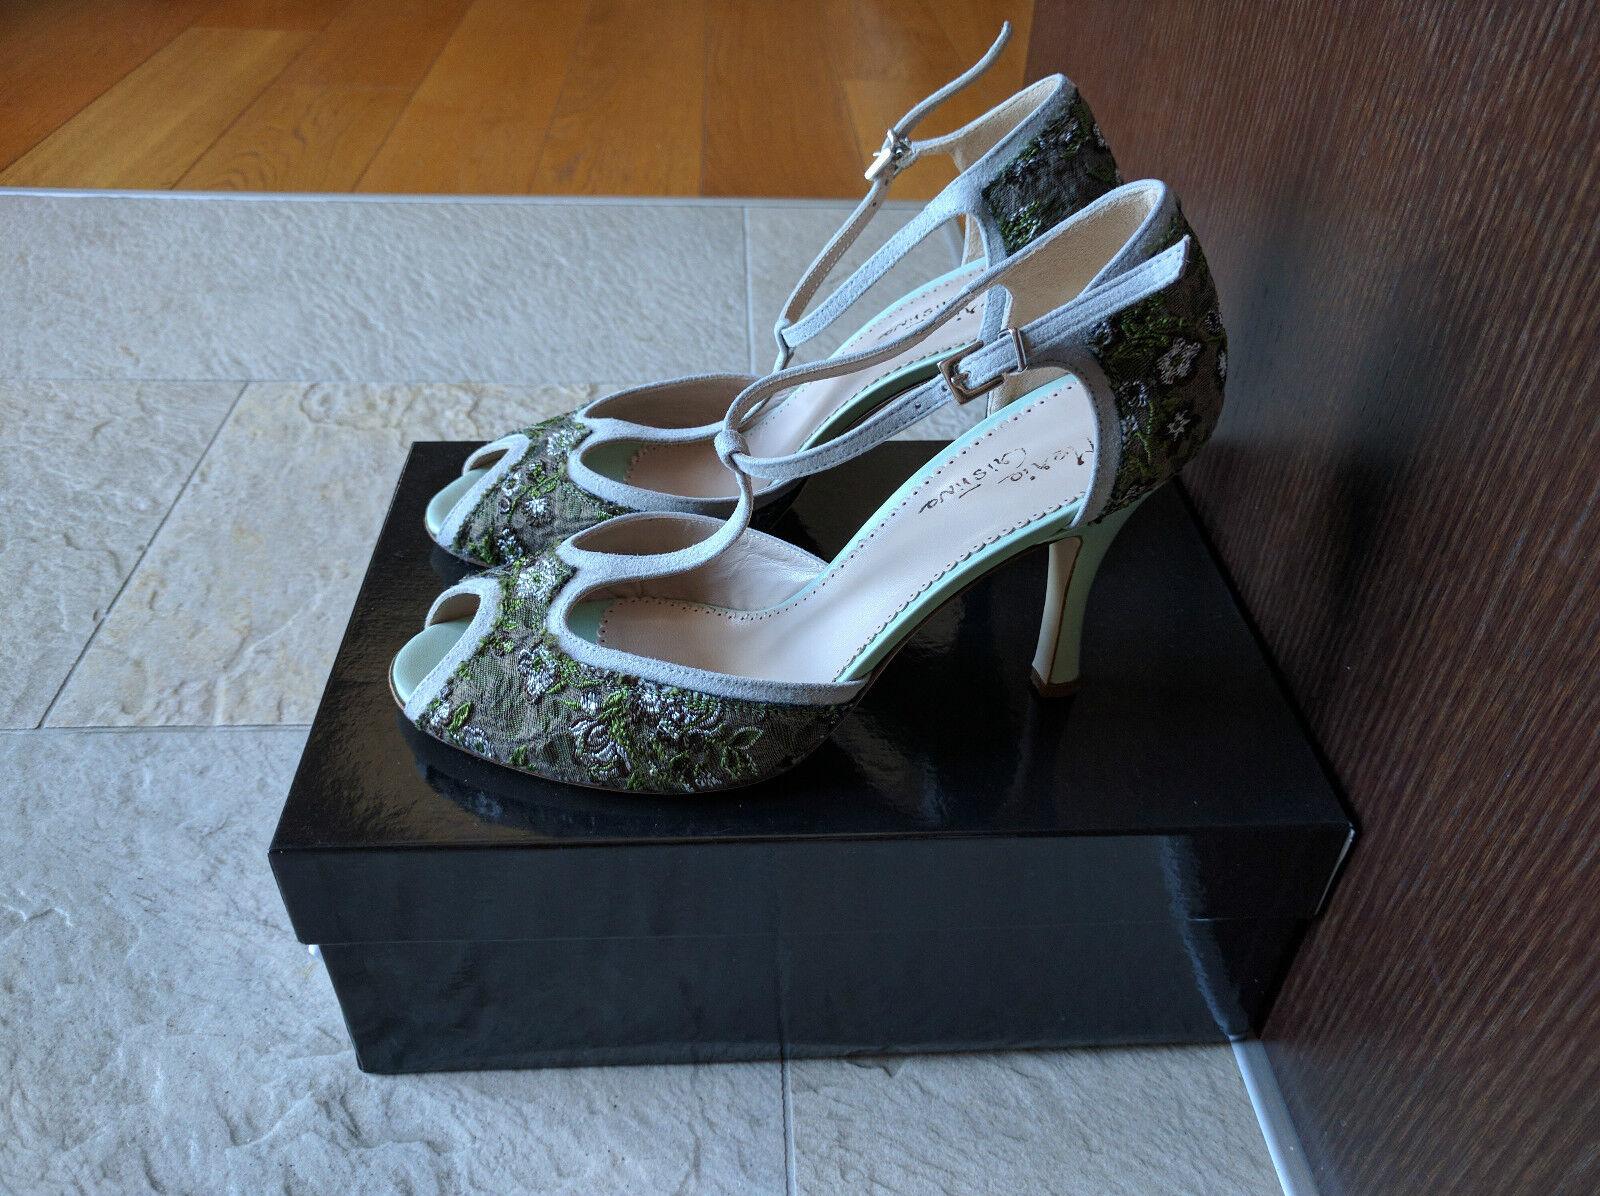 più preferenziale Scarpe decolté sandali donna Maria Cristina tango tacco tacco tacco 8 verde taglia 40 nuovi  qualità autentica